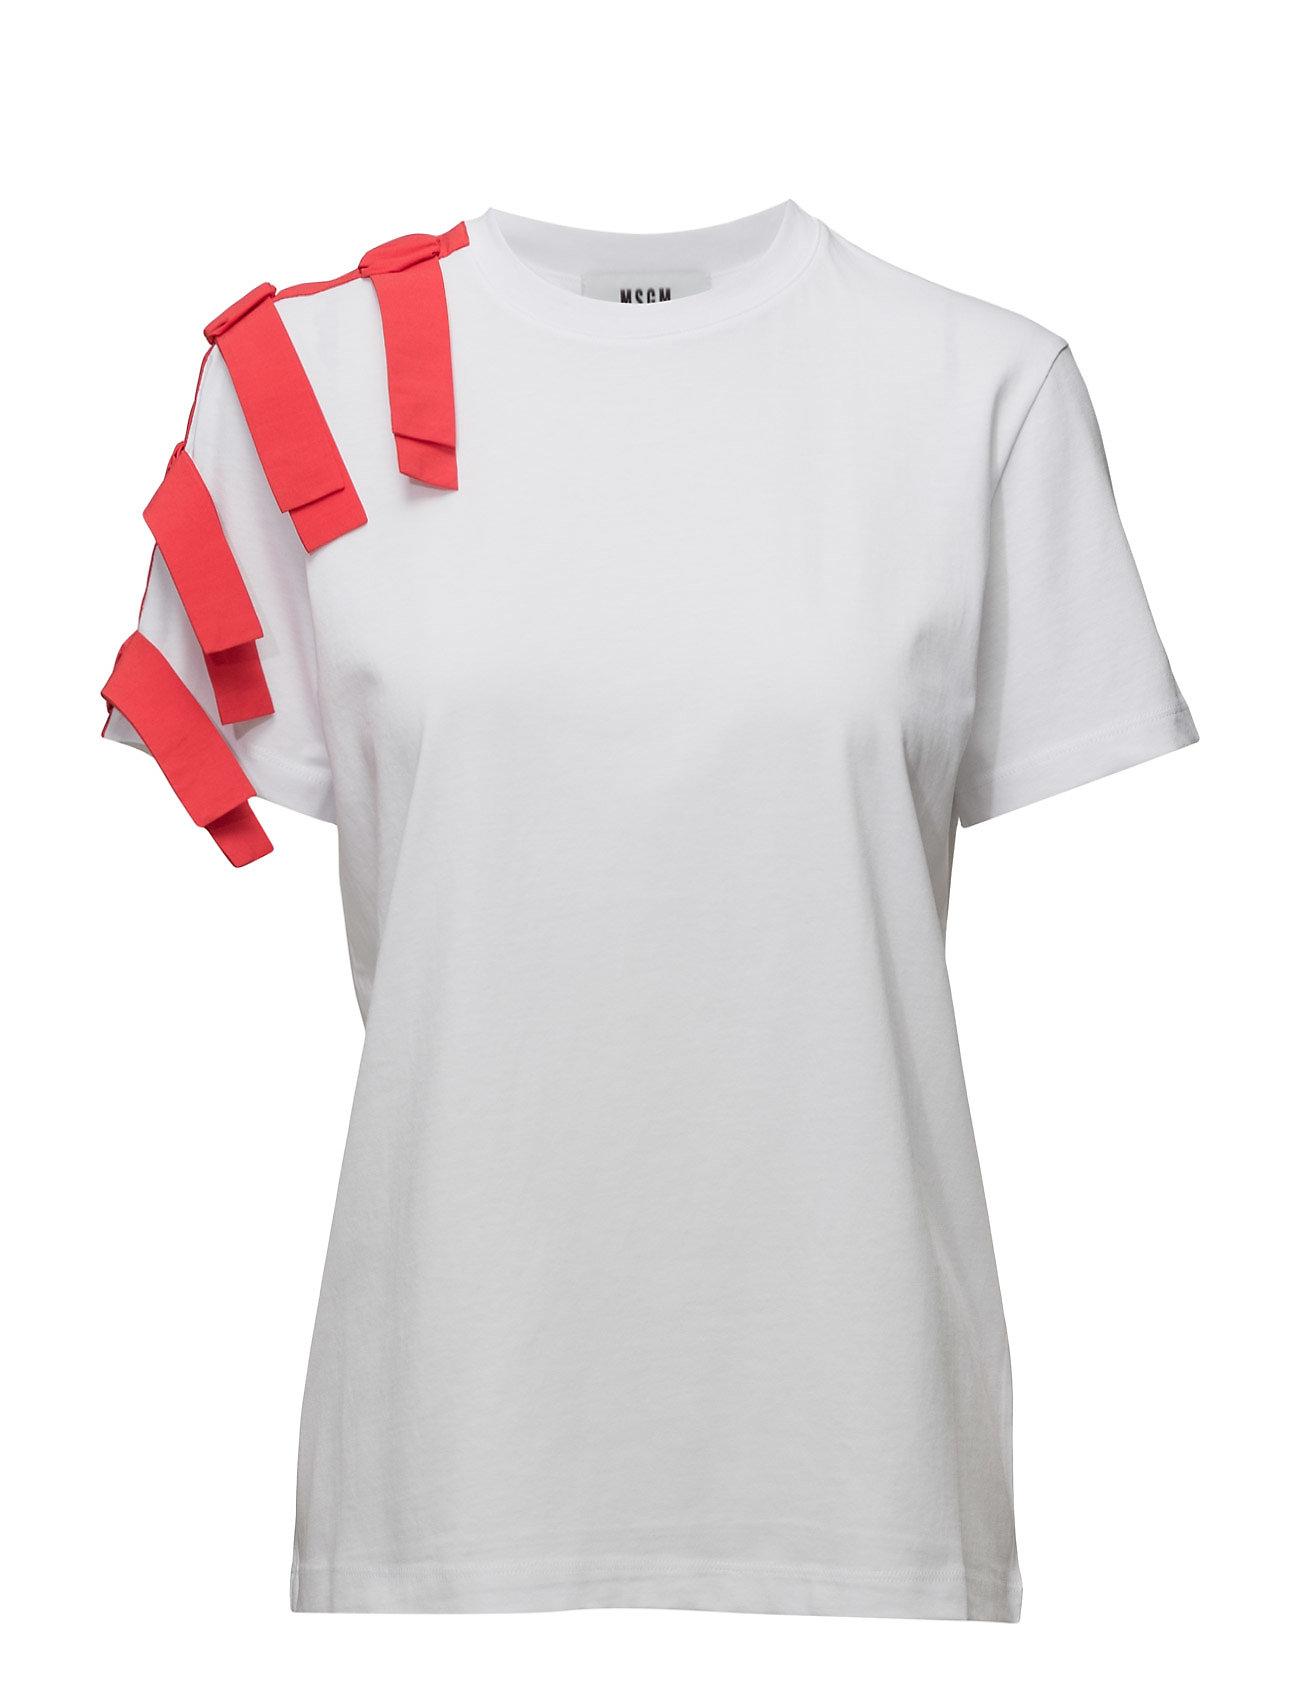 T-Shirt MSGM Kortærmede til Damer i hvid